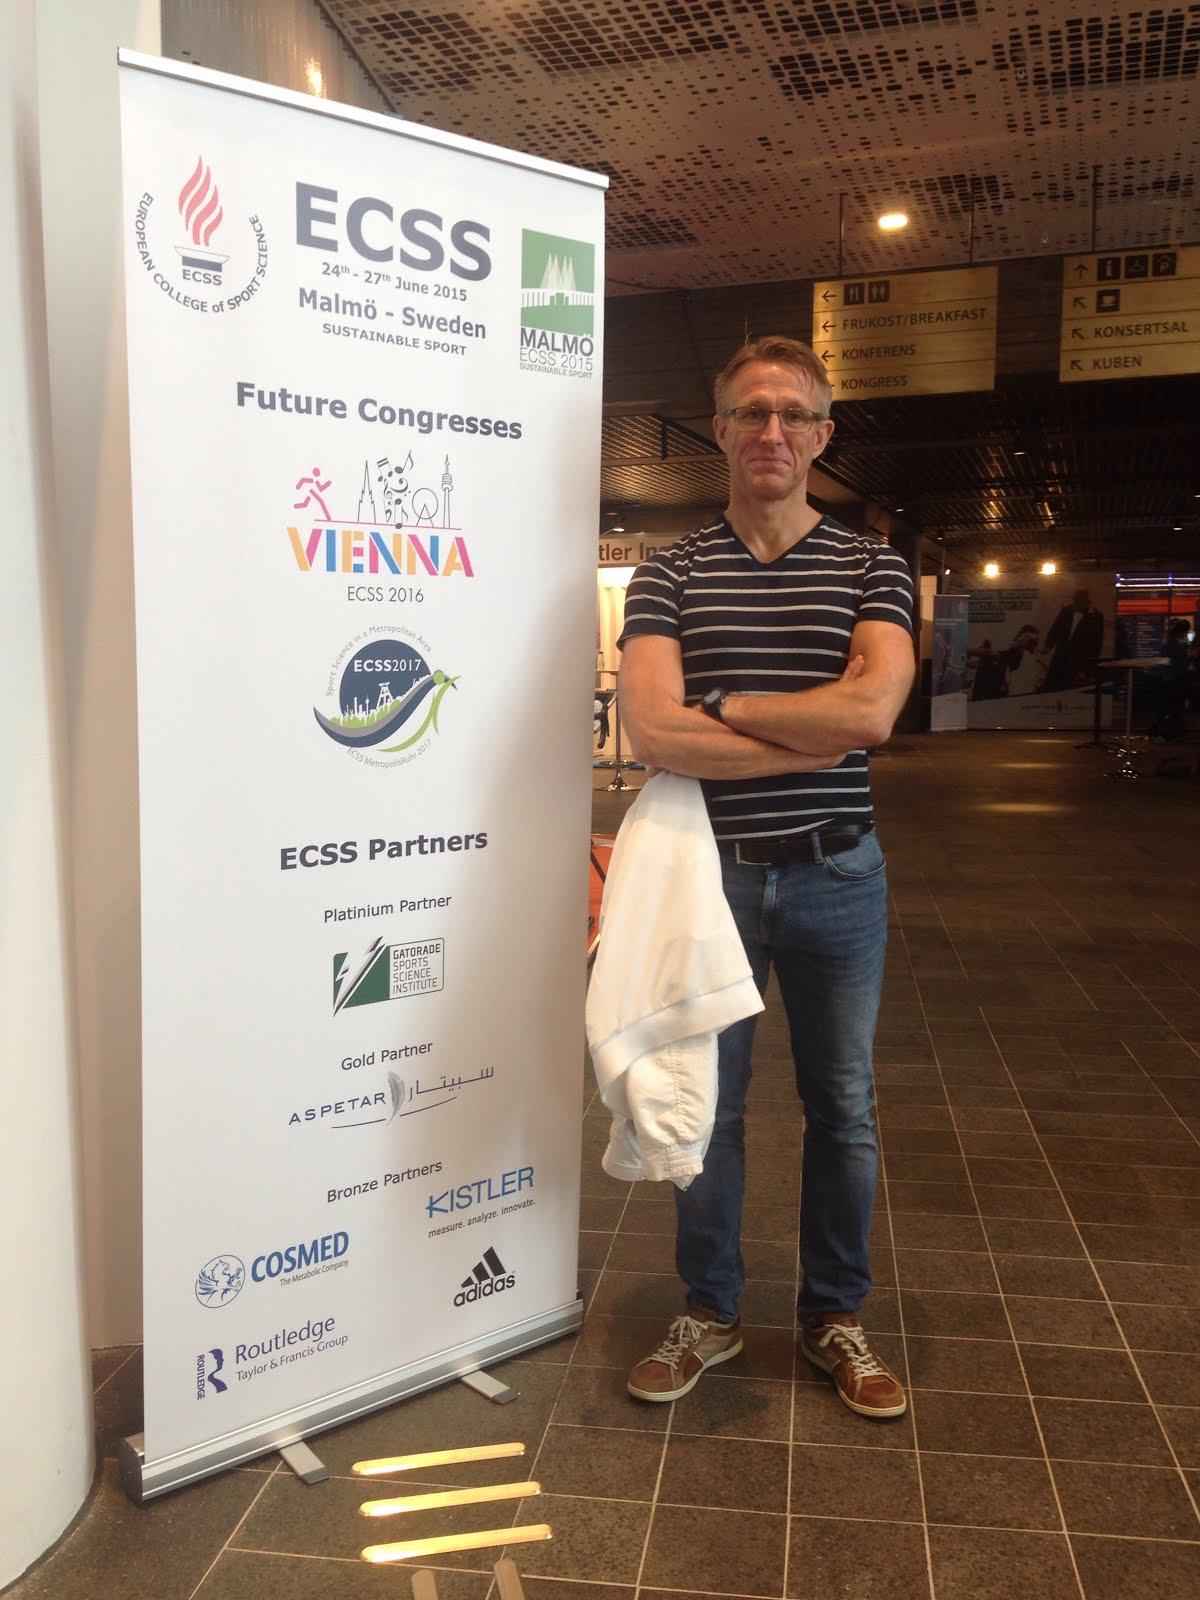 Inbjuden till ECSS i Malmö av Ingegerd Eriksson.